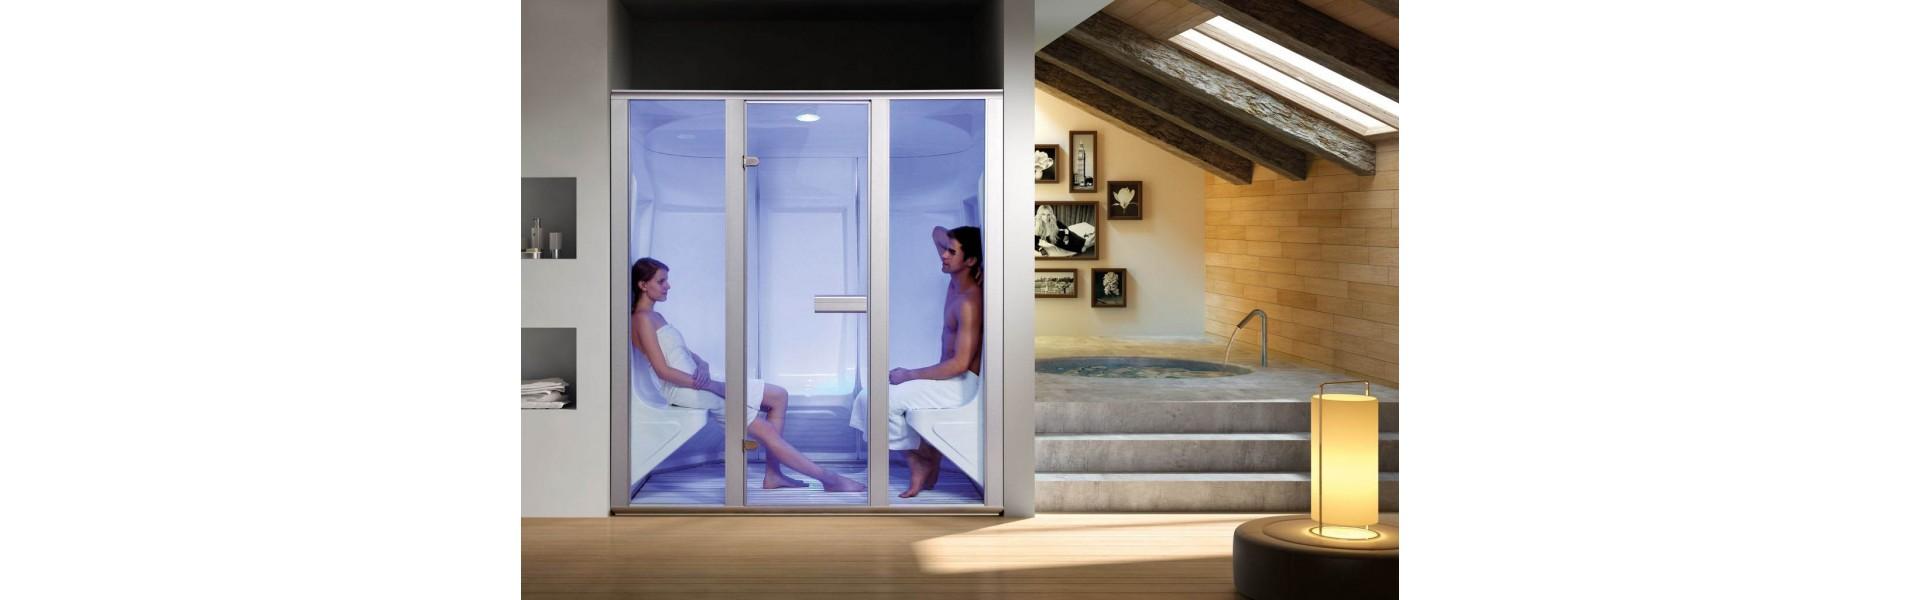 Venta de saunas en oferta saunas cl sicas con estufa saunas finlandesas saunas de - Sauna finlandesa o bano turco ...